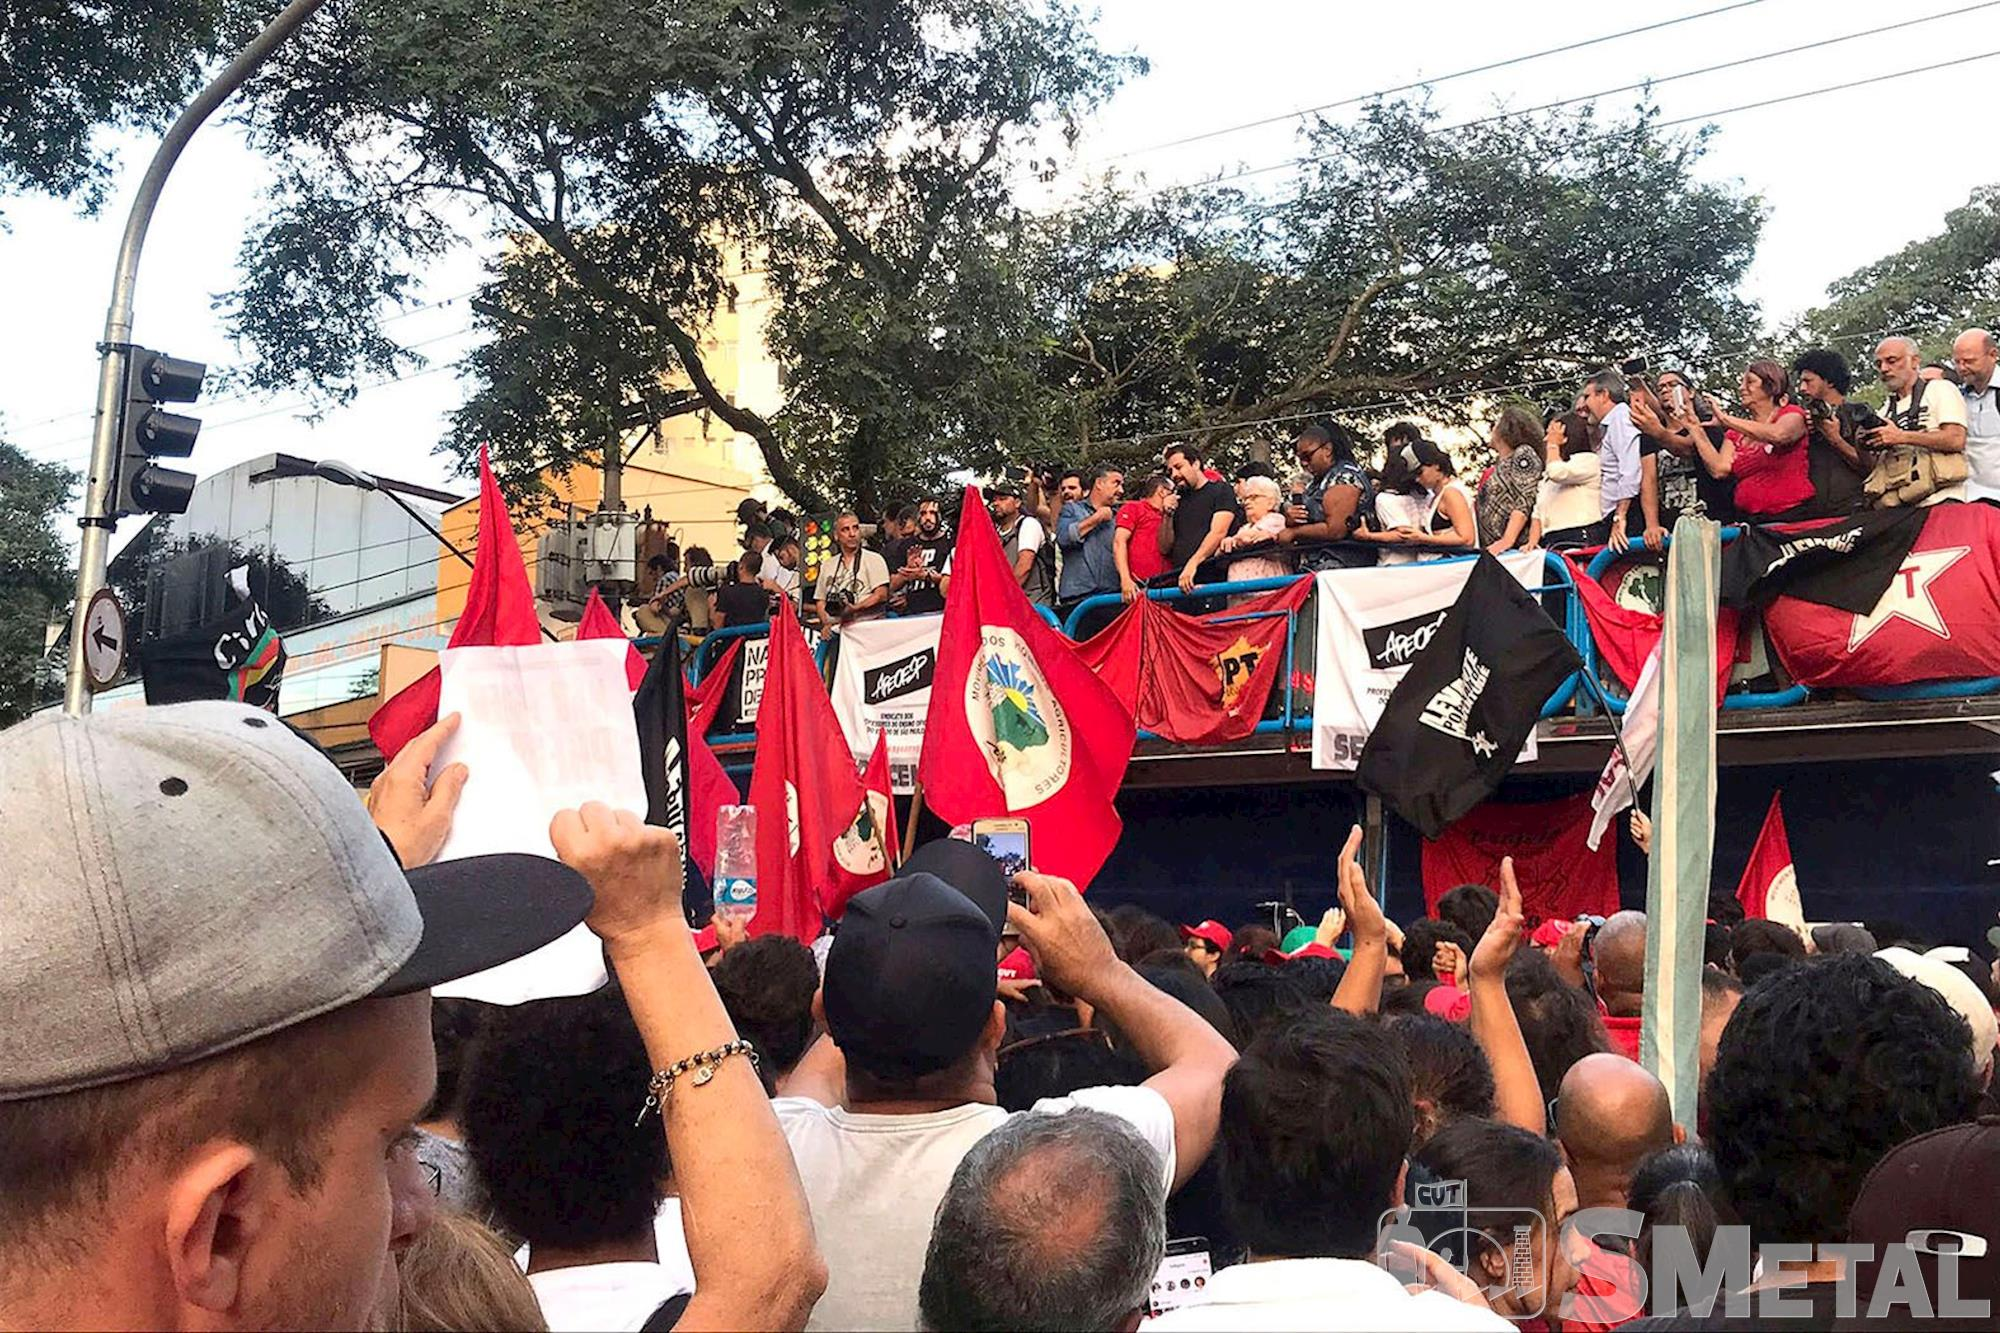 lula; abc,  prisão,  vigília, Foguinho/Imprensa SMetal, Confira fotos do ato em Solidariedade a Lula,  em São Bernardo do Campo